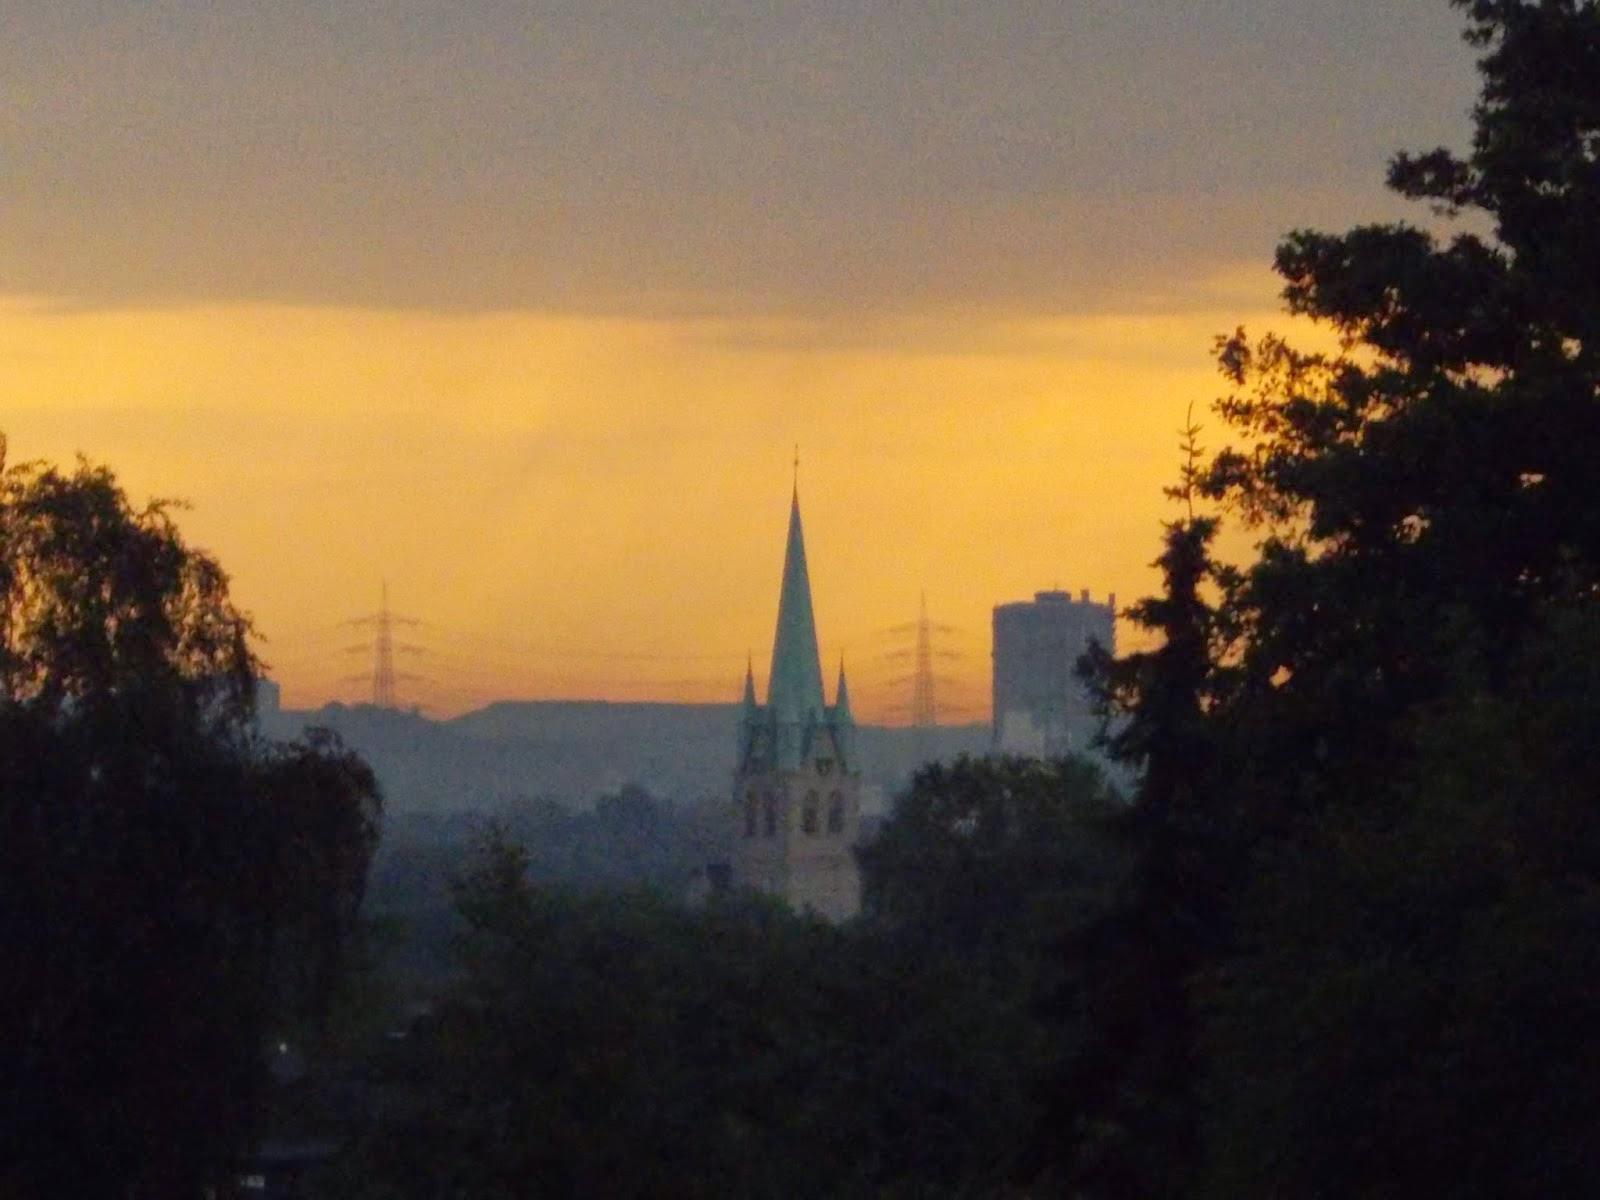 Auch unter dem gewittrigen Himmel am 20 Juni 2013 macht der hohe schlanke Turm von St Michael durchaus einen imposanten Eindruck